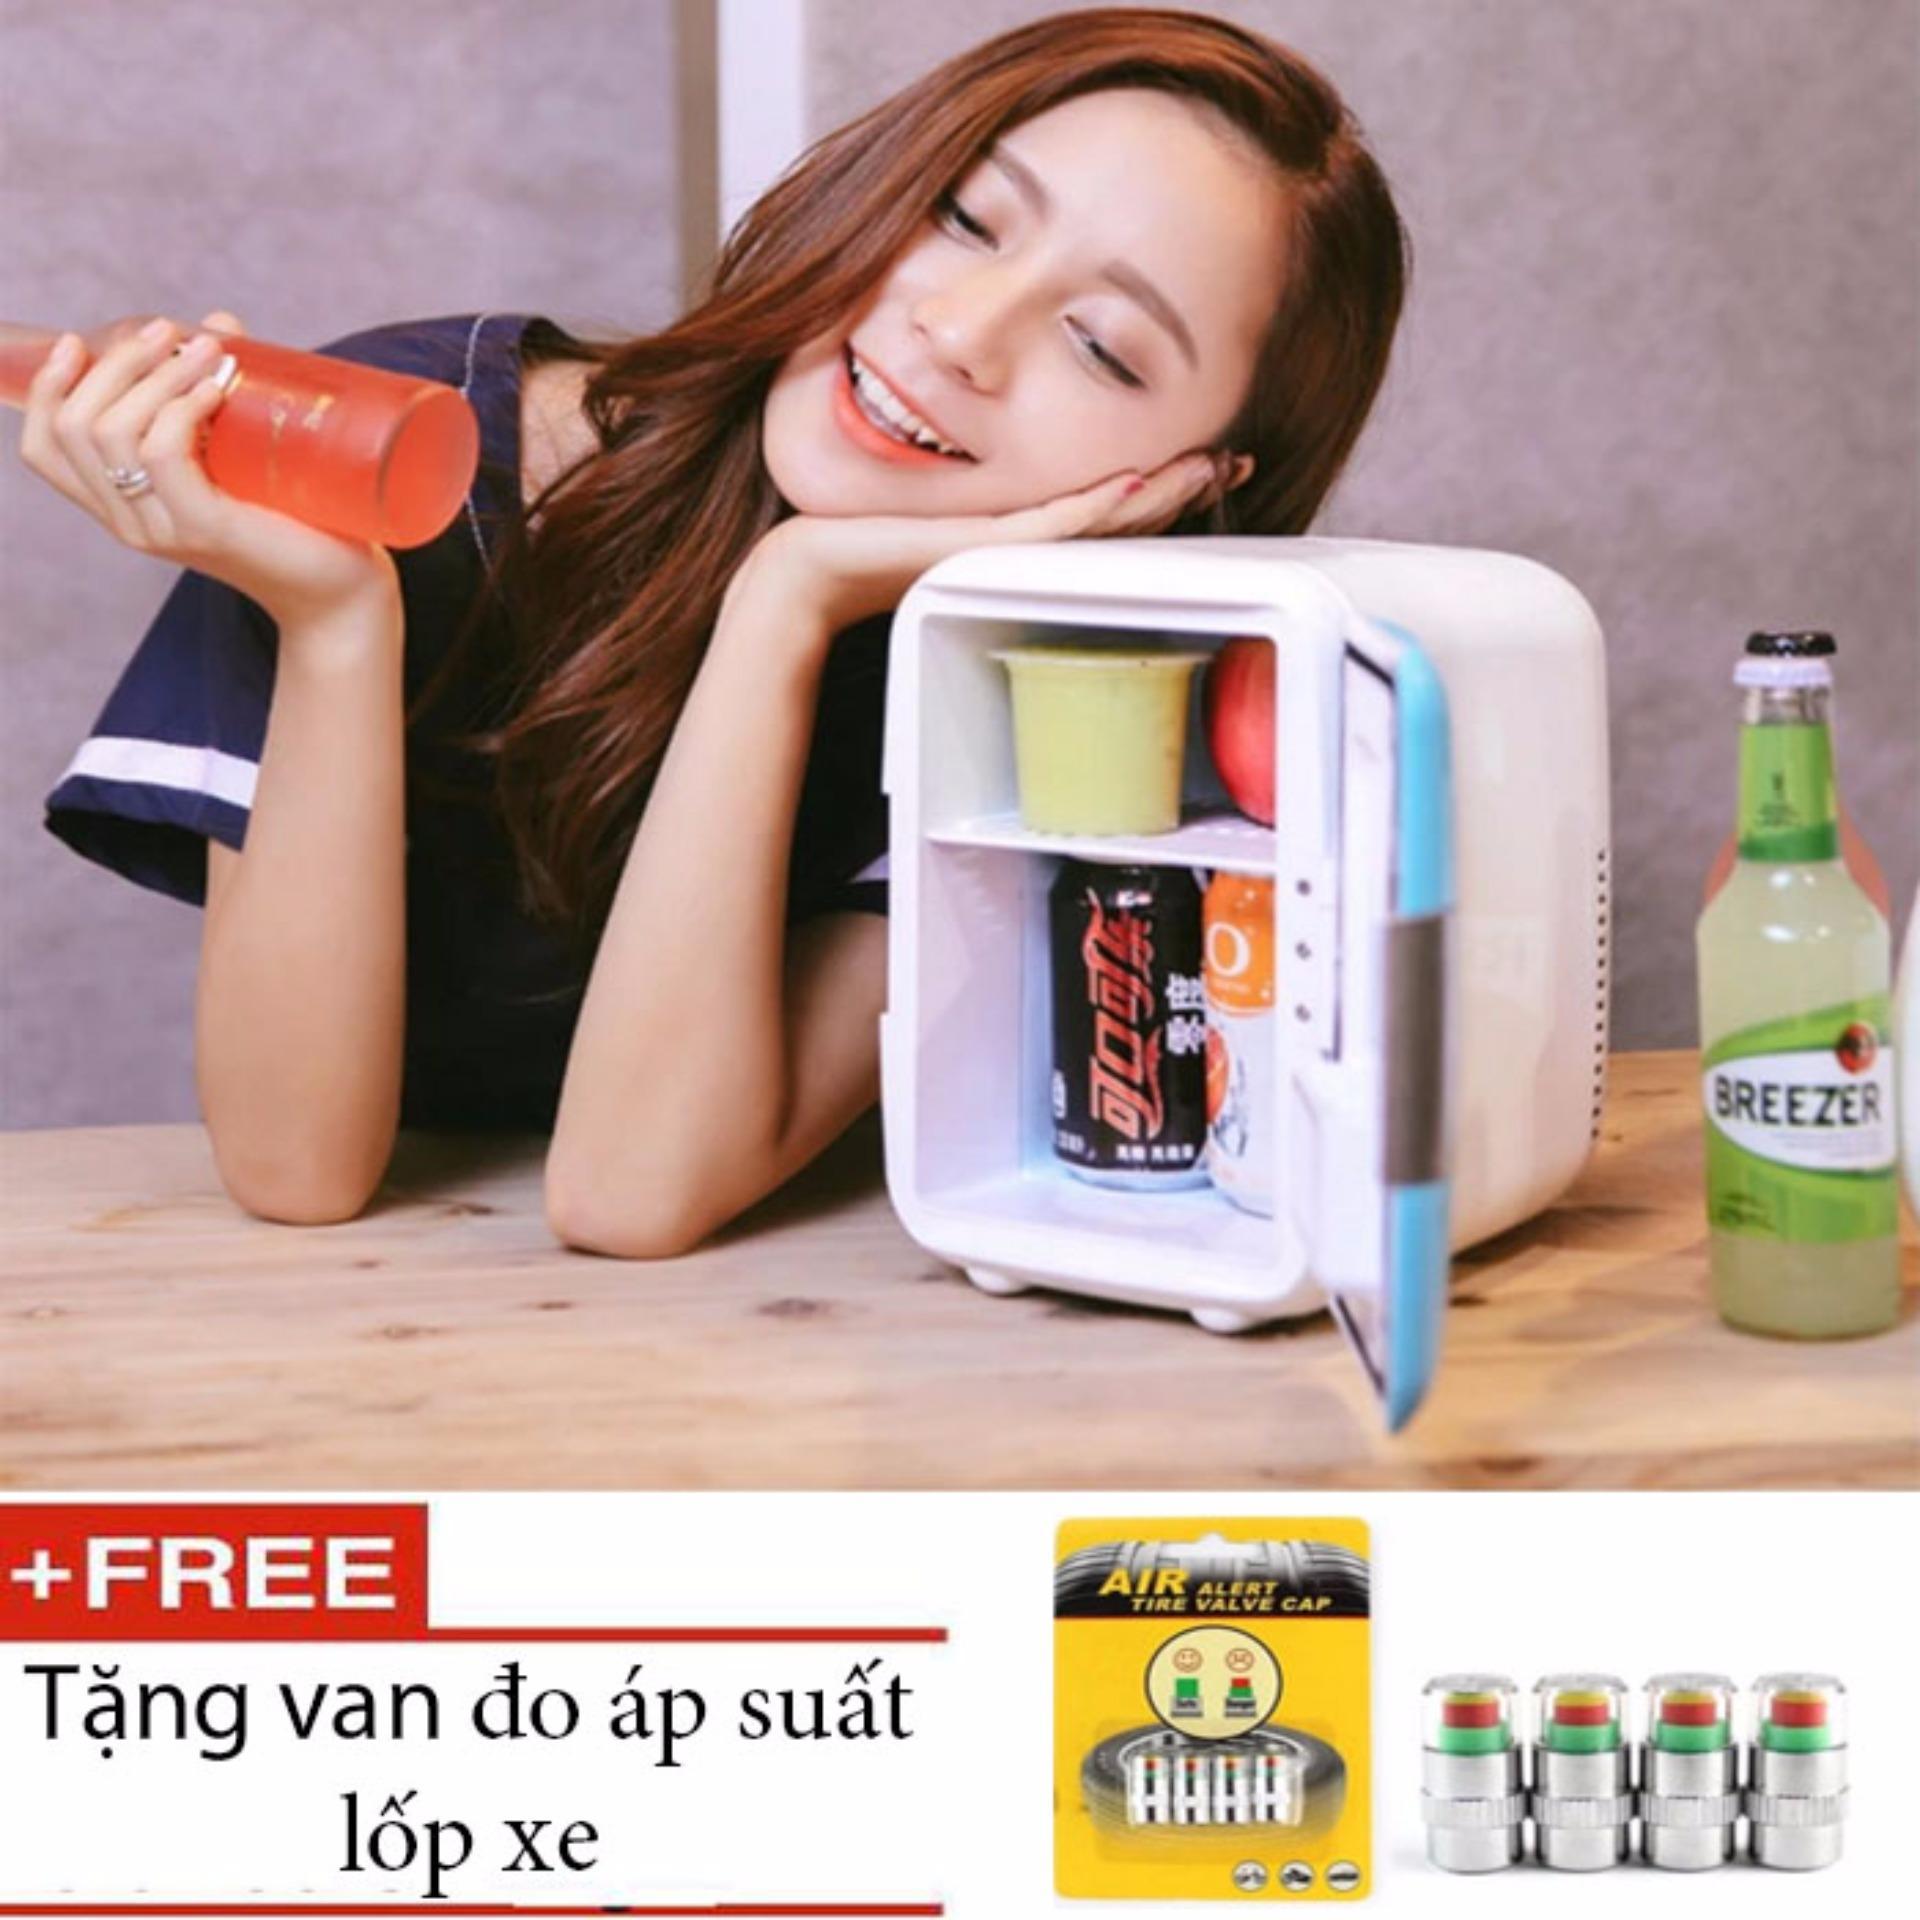 Bán Tủ Lạnh Mini Cao Cấp Cho O To 2018 Tặng Kem Van Đo Ap Suất Lốp Xe Rẻ Việt Nam